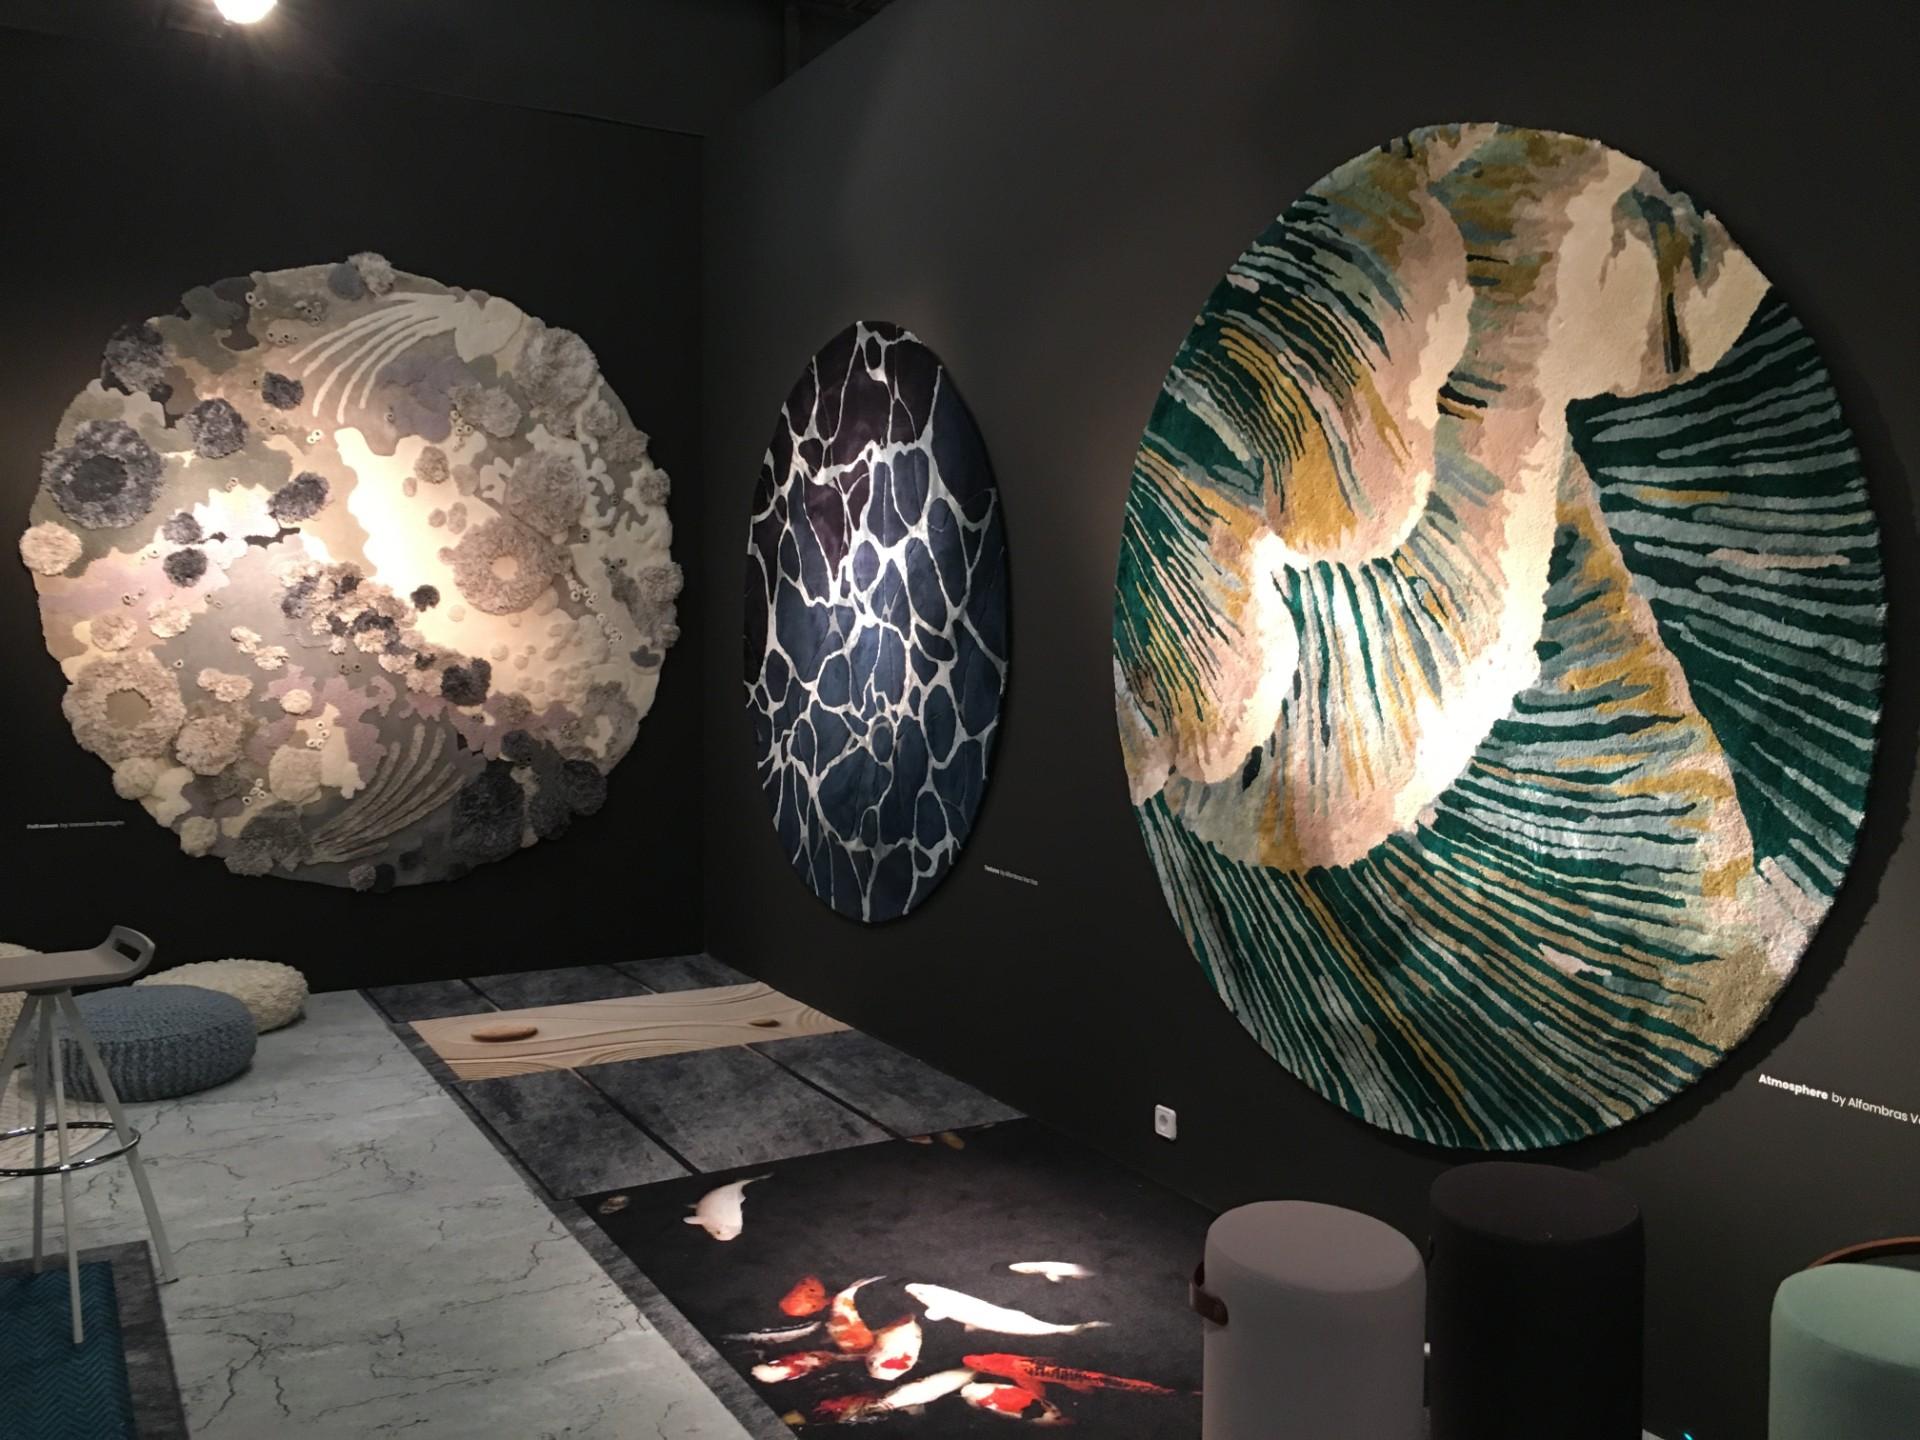 feria-habitat-valencia-2018-interiorismo-interiores-mobiliario-muebles-13